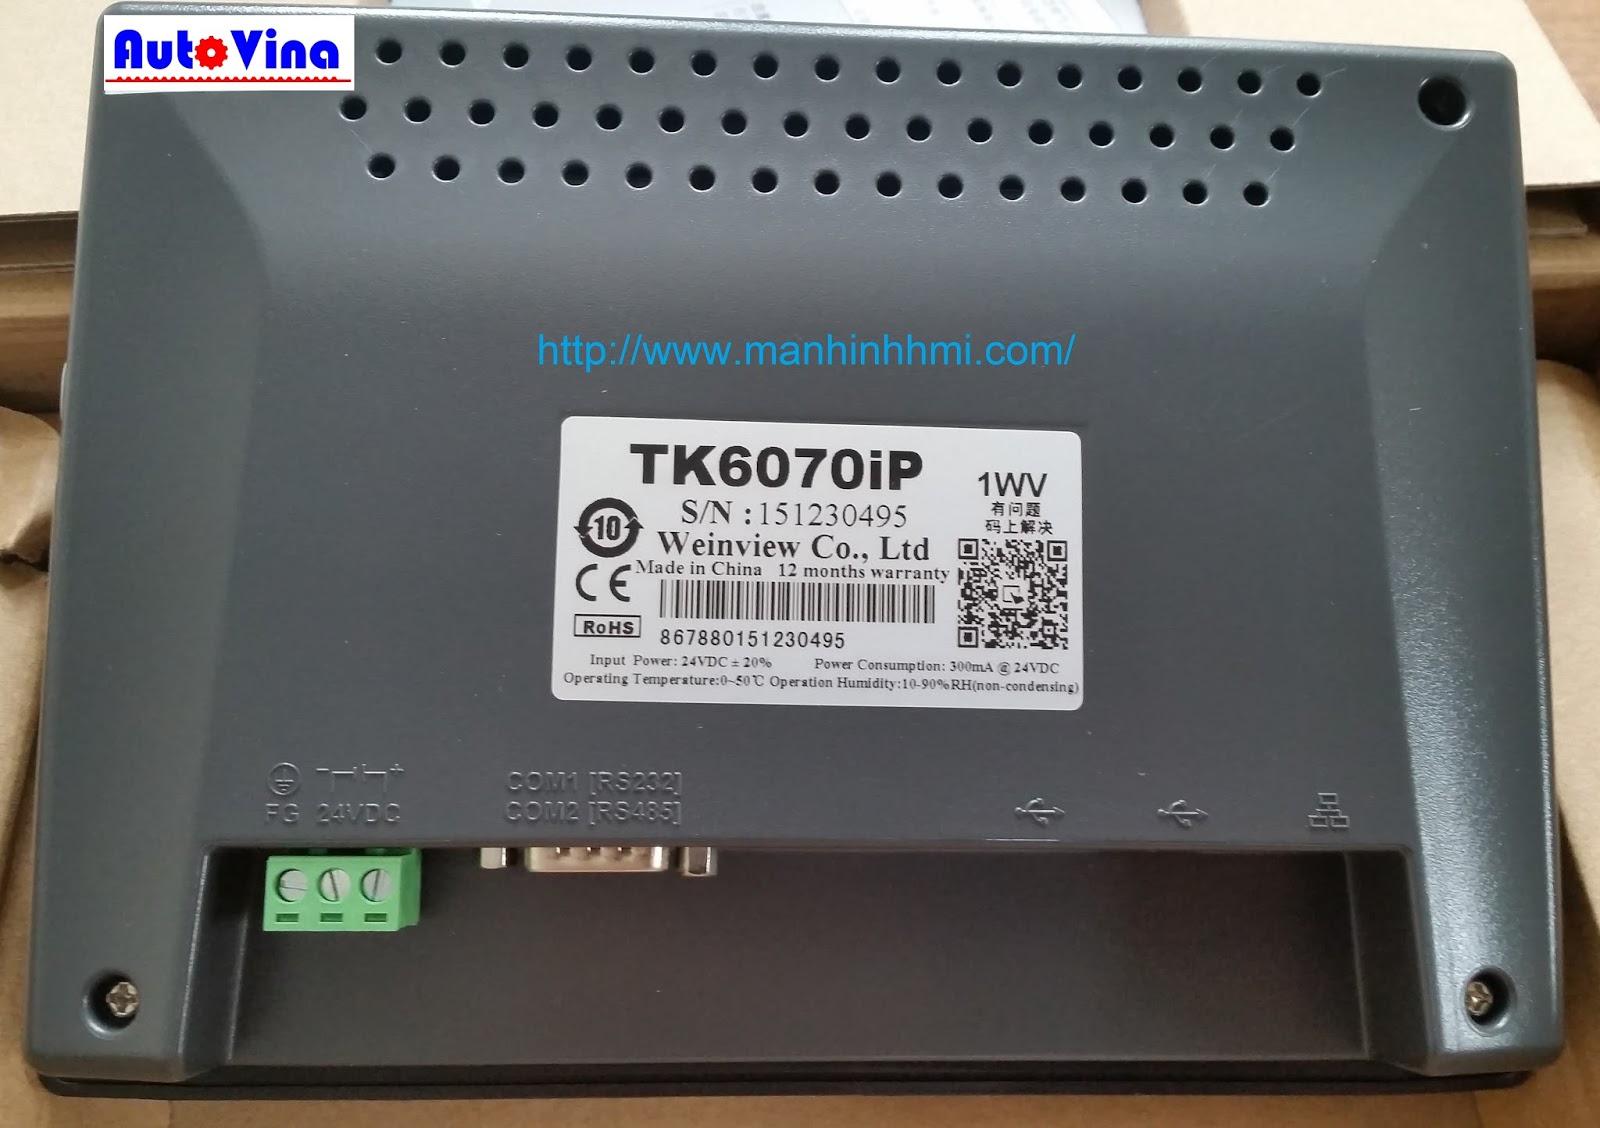 Tổng đại lý phân phối, bán màn hình cảm ứng HMI Weinview Weintek 7 inch TK6070iP. Sửa chữa thay thế tấm cảm ứng màn hình HMI Weinview. Thay thế LCD HMI Weinview.